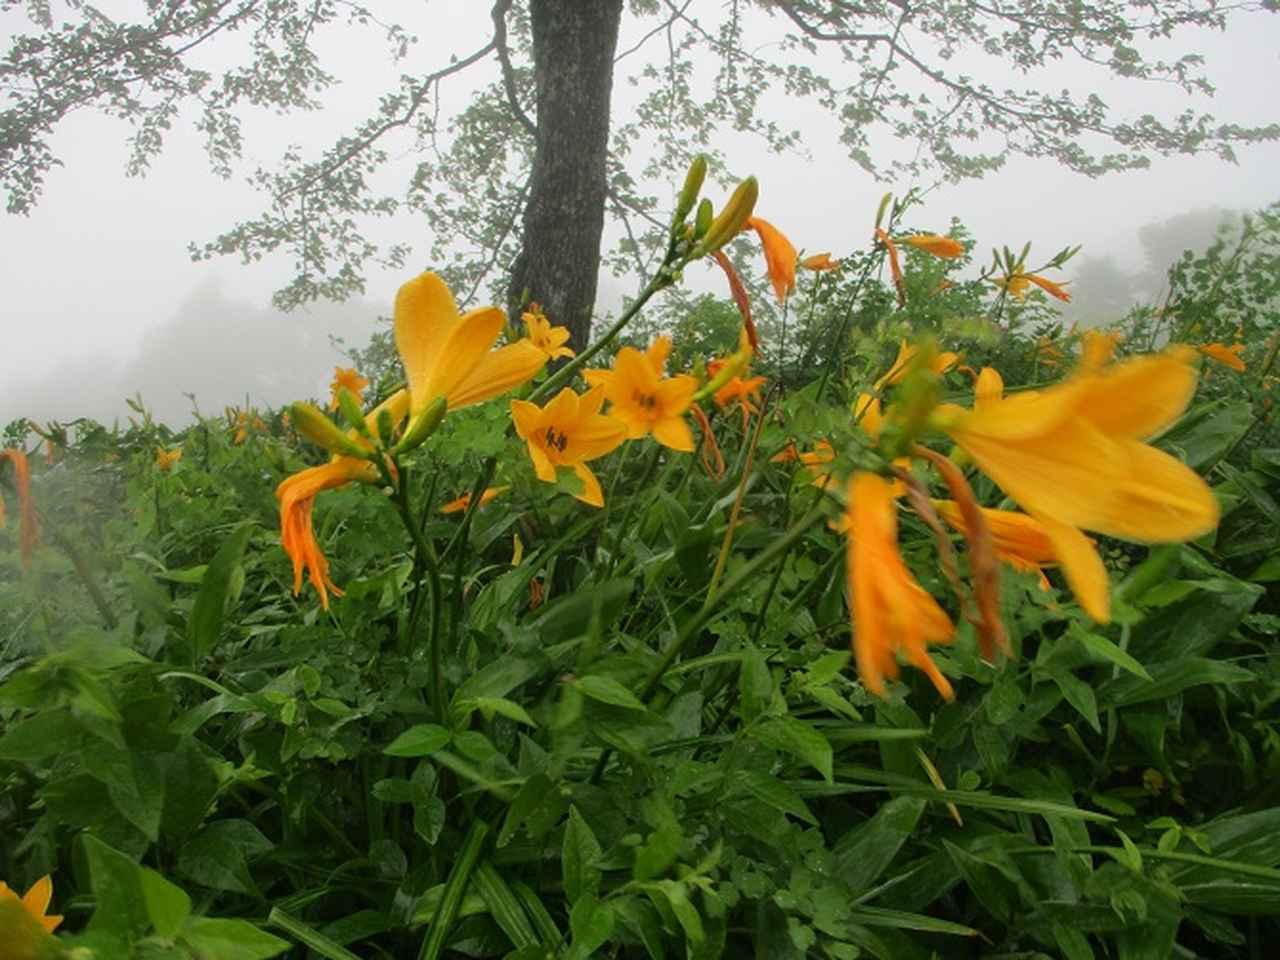 画像9: 7月の山旅会 「飯盛山」 ツアーの下見に行ってきました!